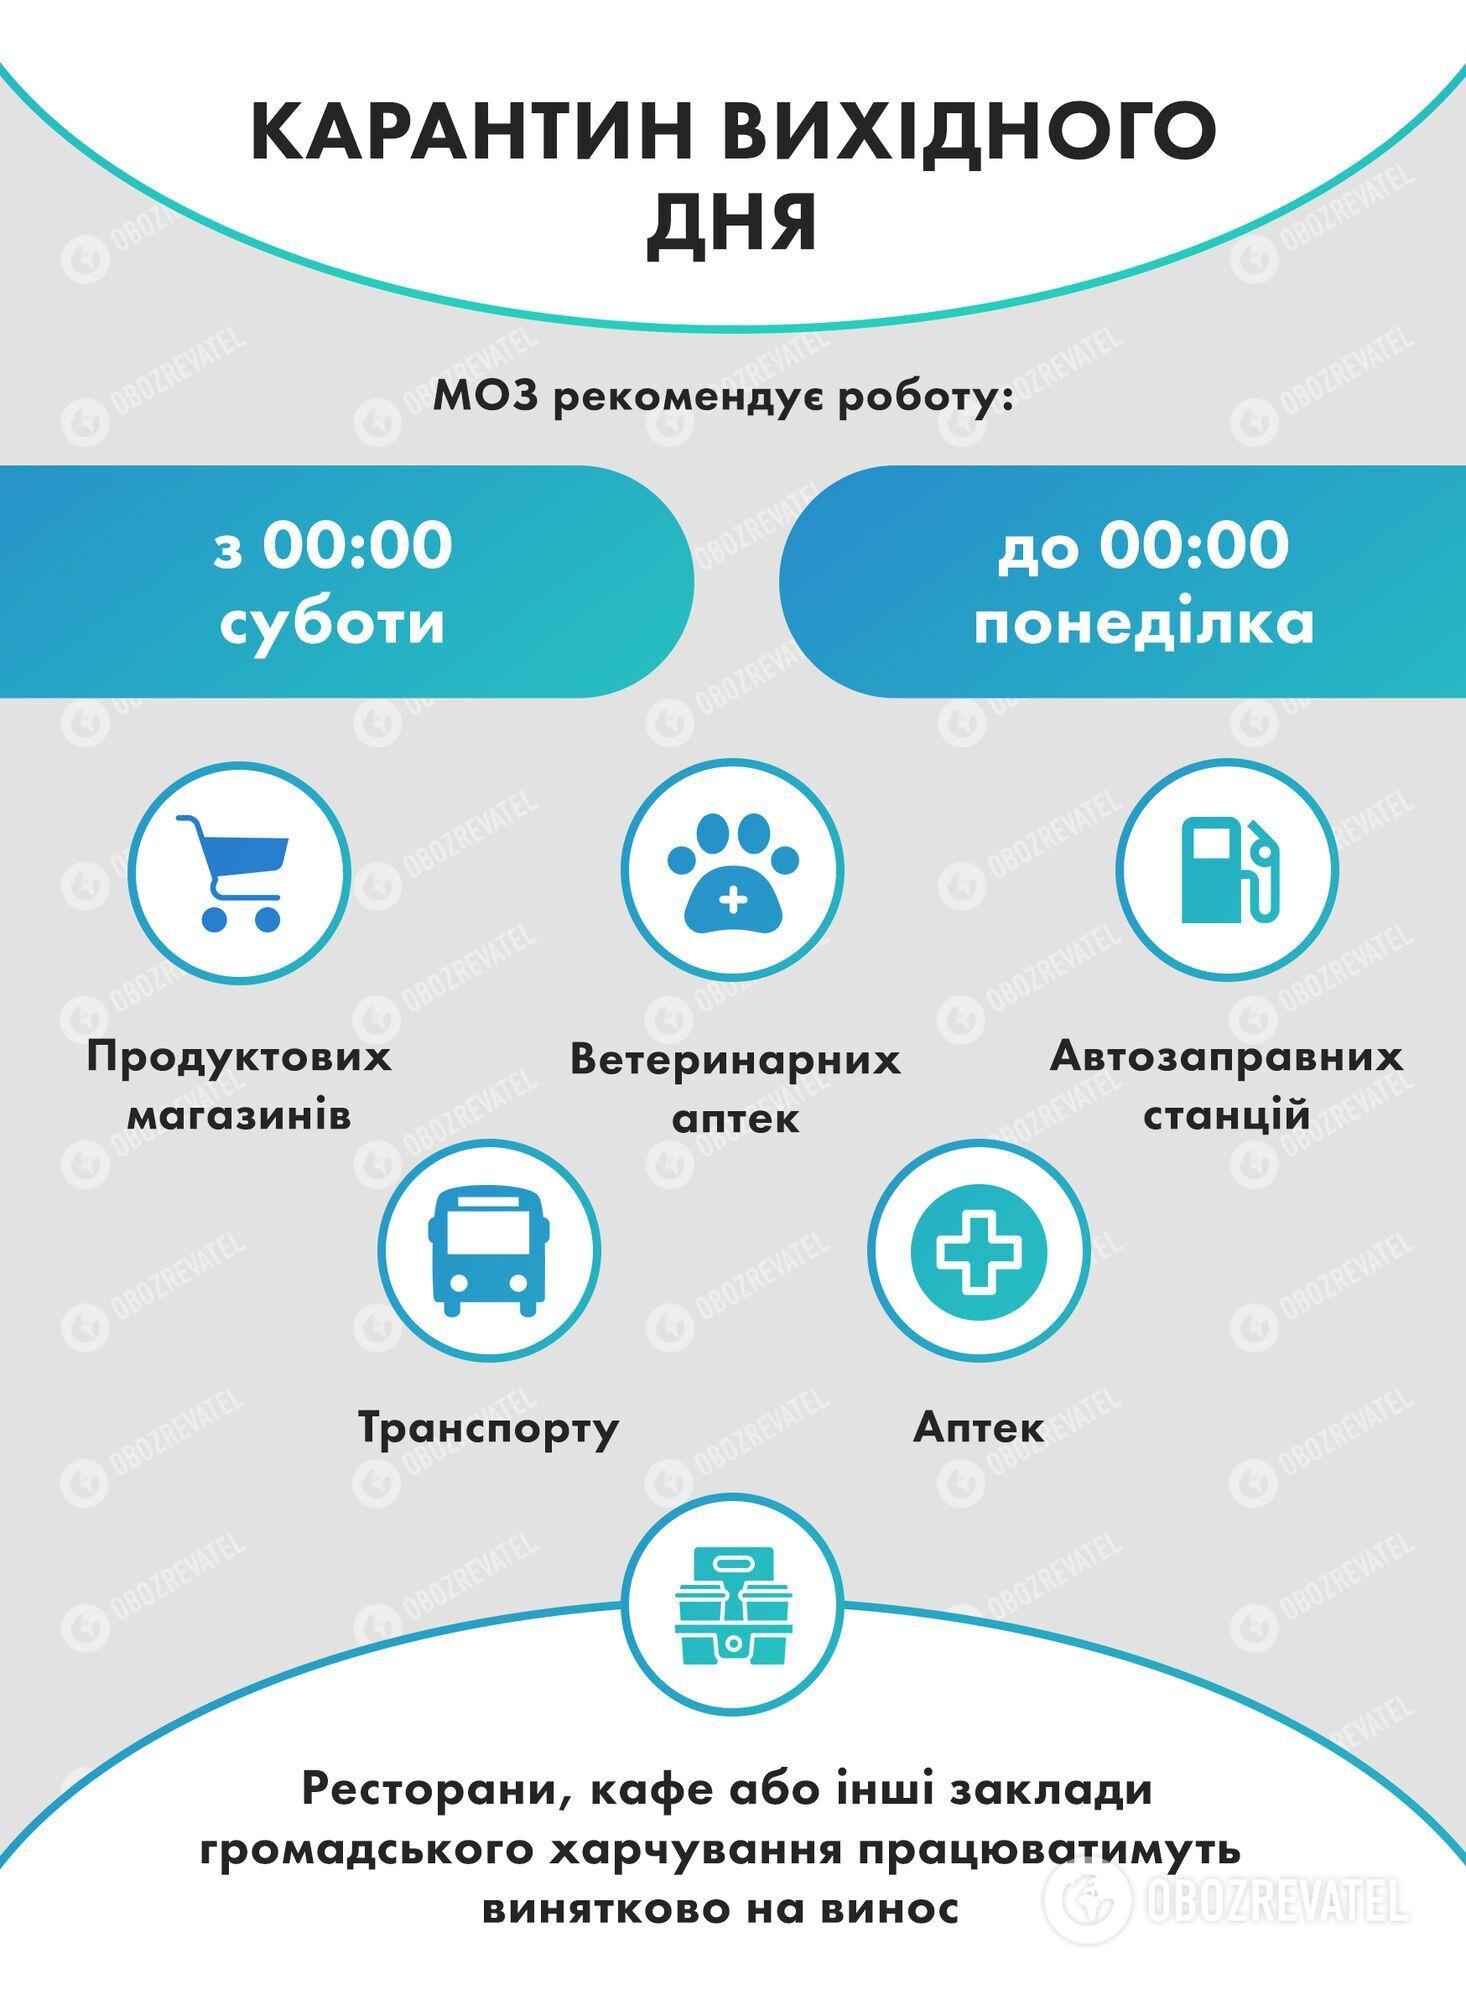 Карантин вихідного дня в Україні. Що дозволено.